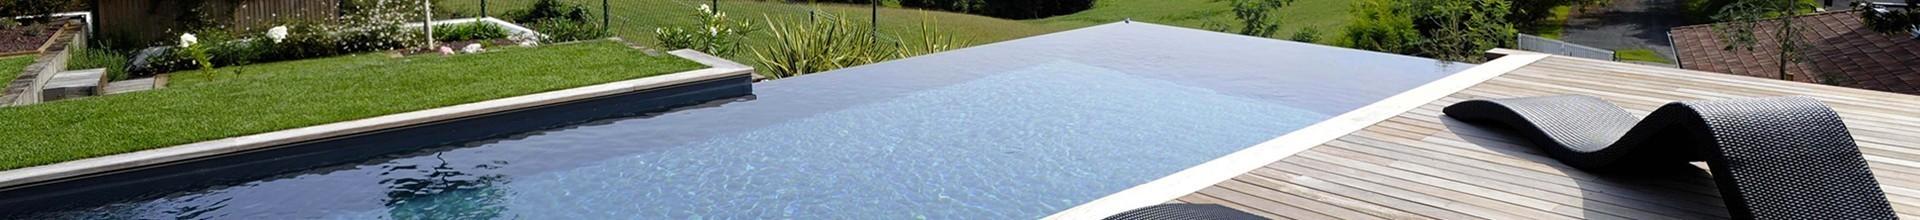 Direct usine, piscine coque prix Chaux-de-Fonds